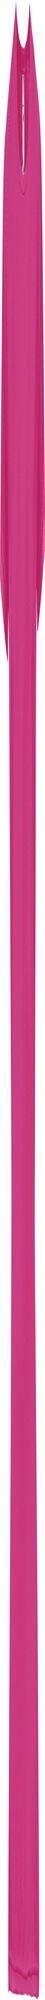 Футболка женская SPORTY WOMEN 140, розовый неон